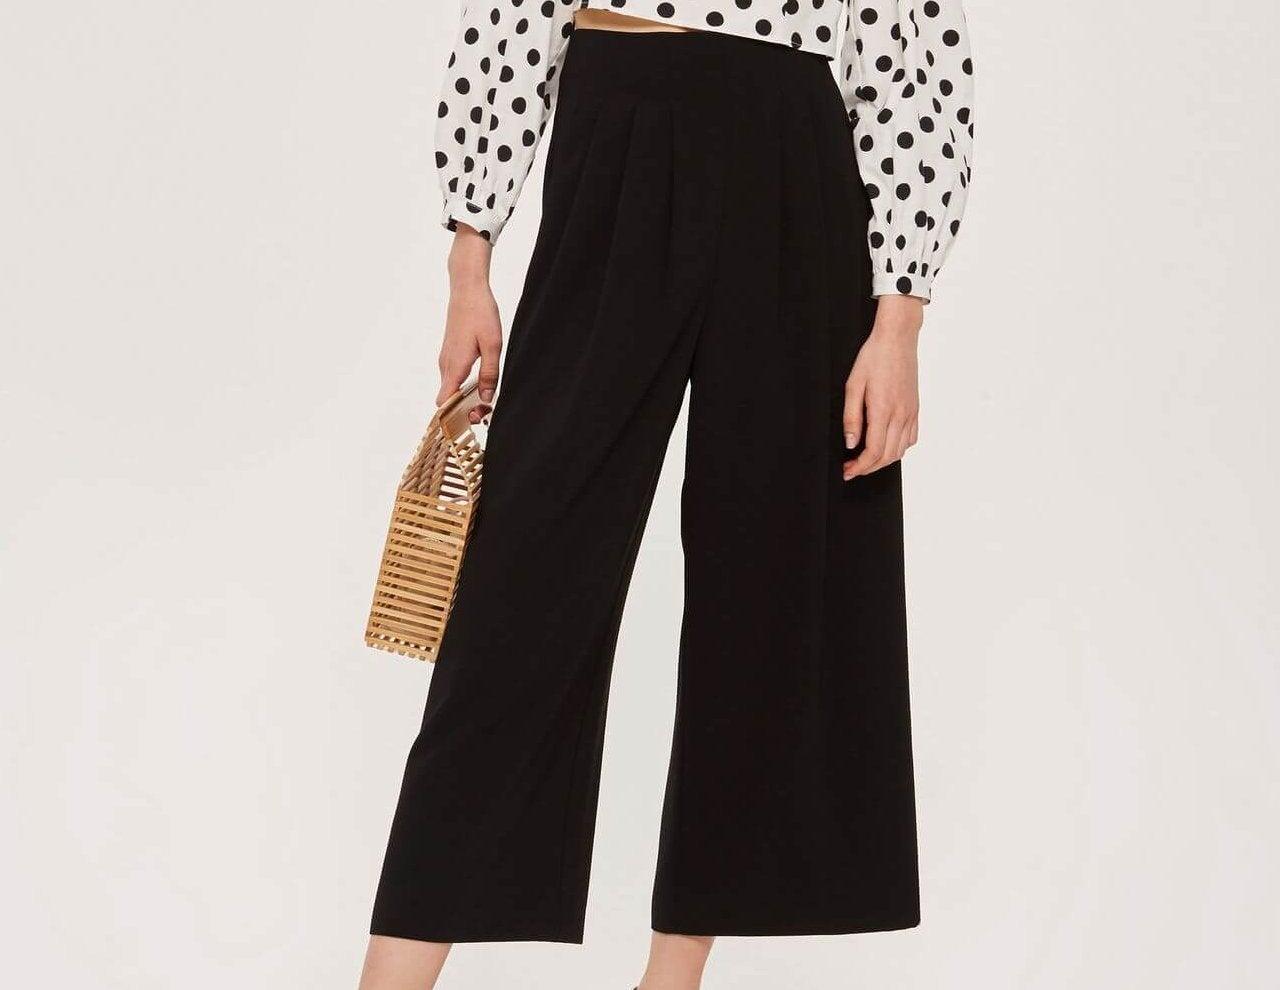 Con qué combinar pantalones culottes